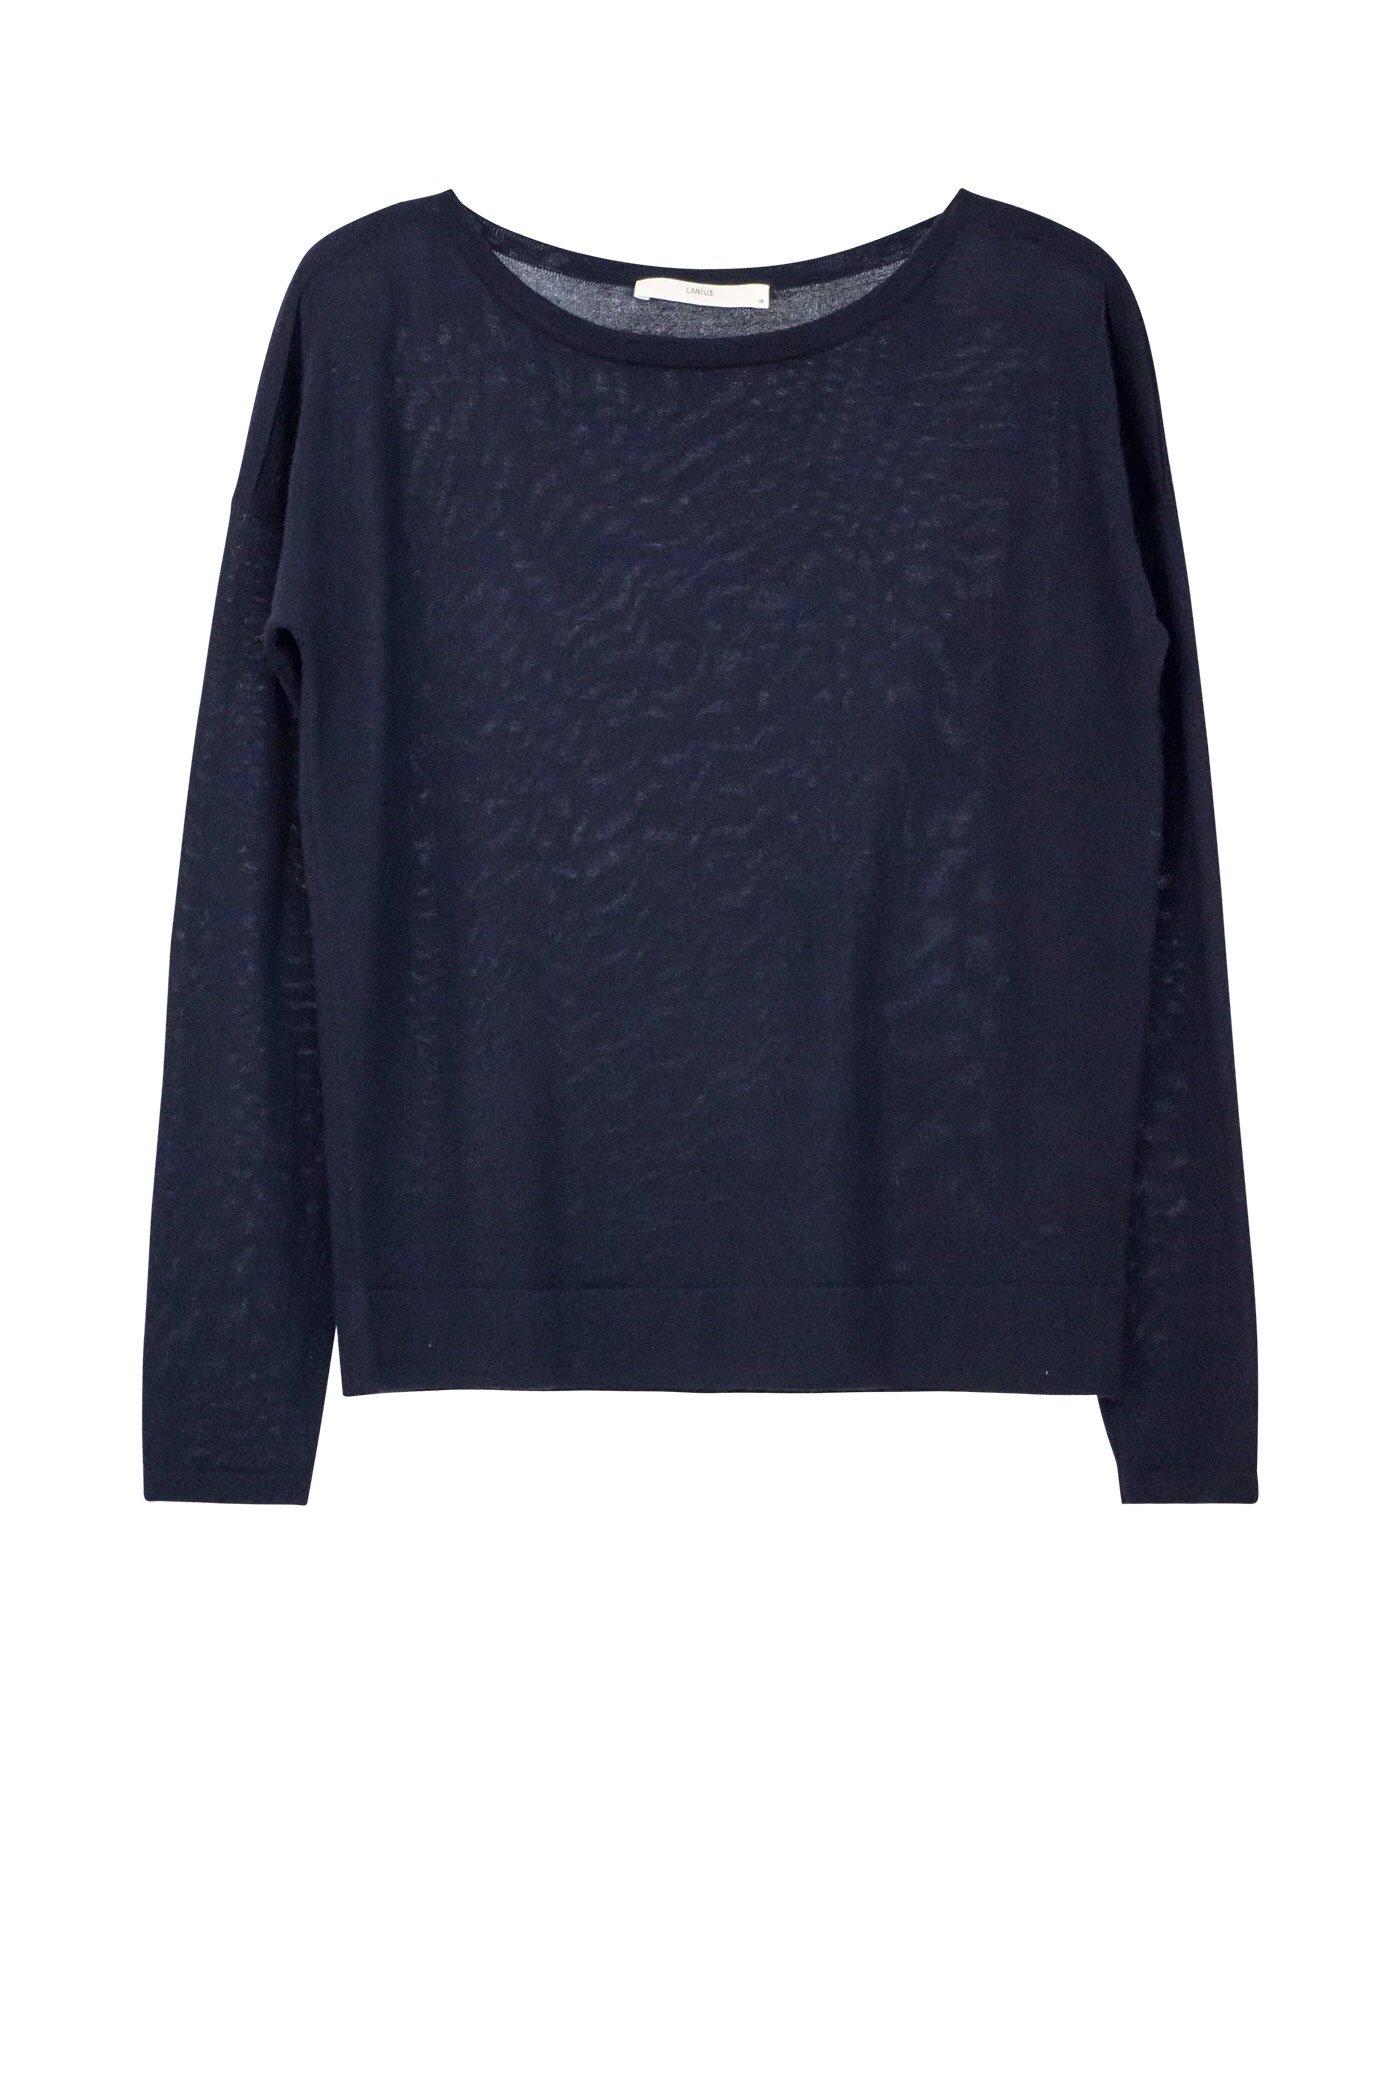 U-Bootpullover Wool ( Før 1279 kr)